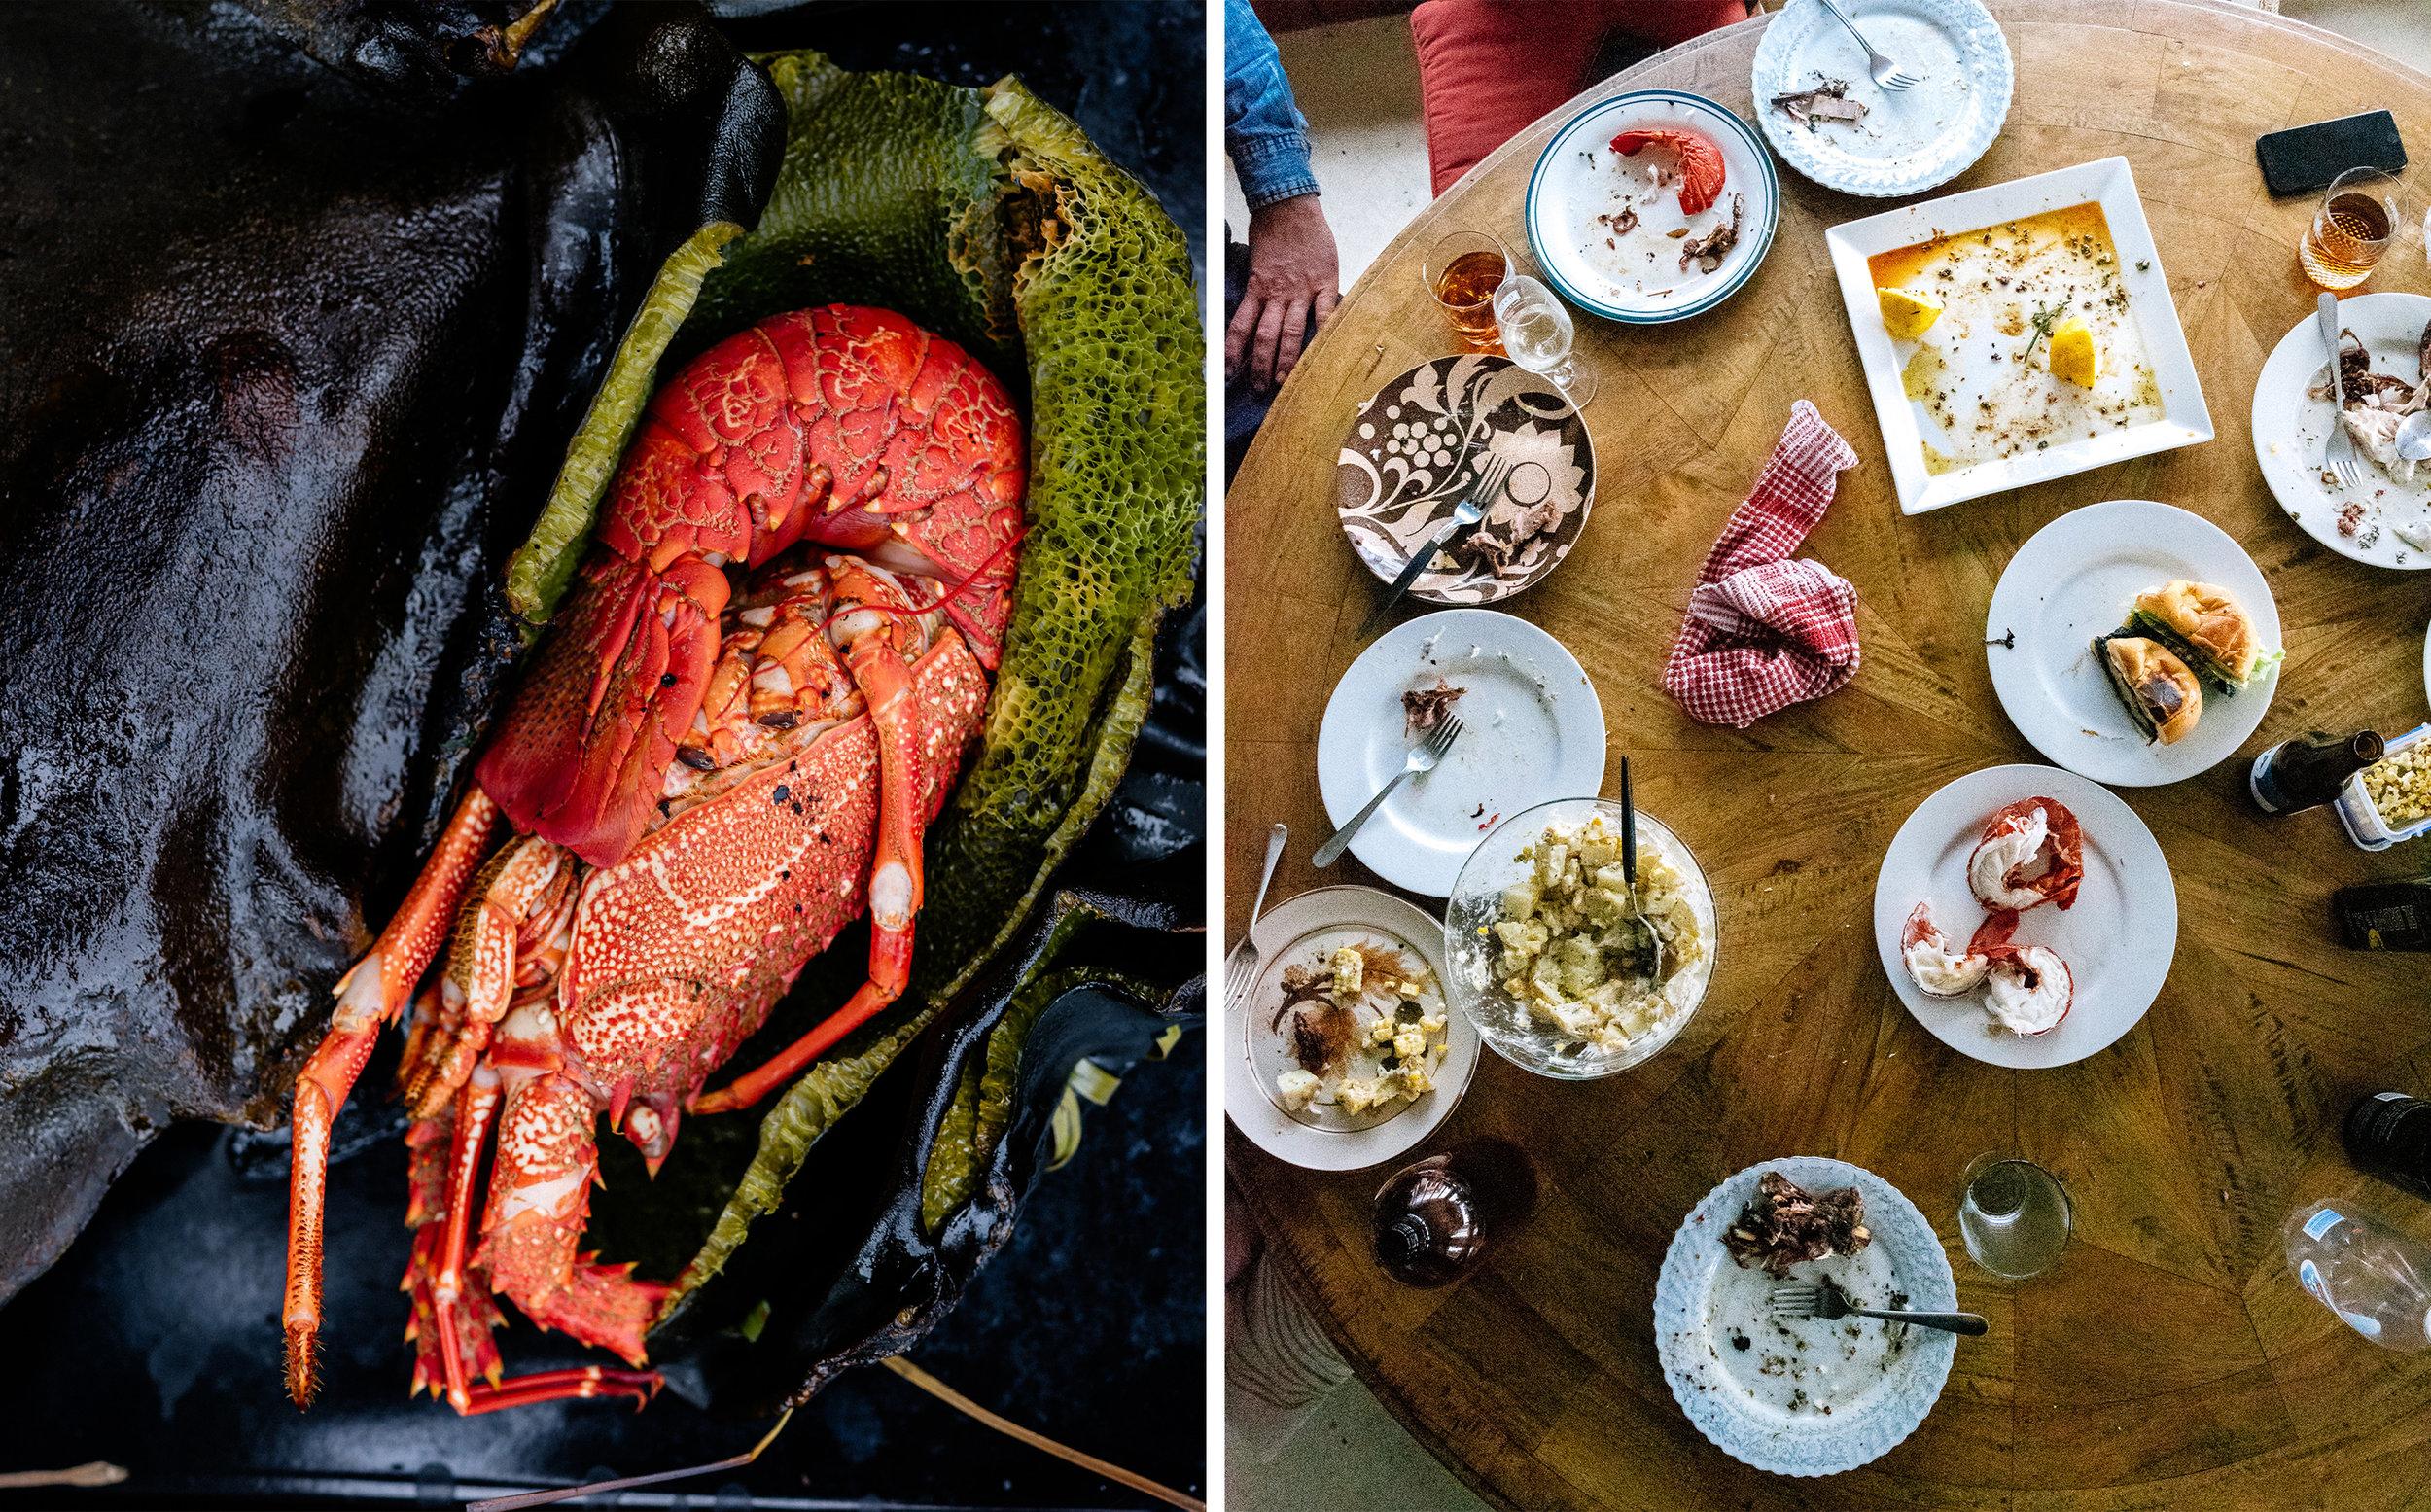 Al-Brown-Eat-Up-NZ-Cookbook-Josh-Griggs-Photographer-Splits-26.jpg